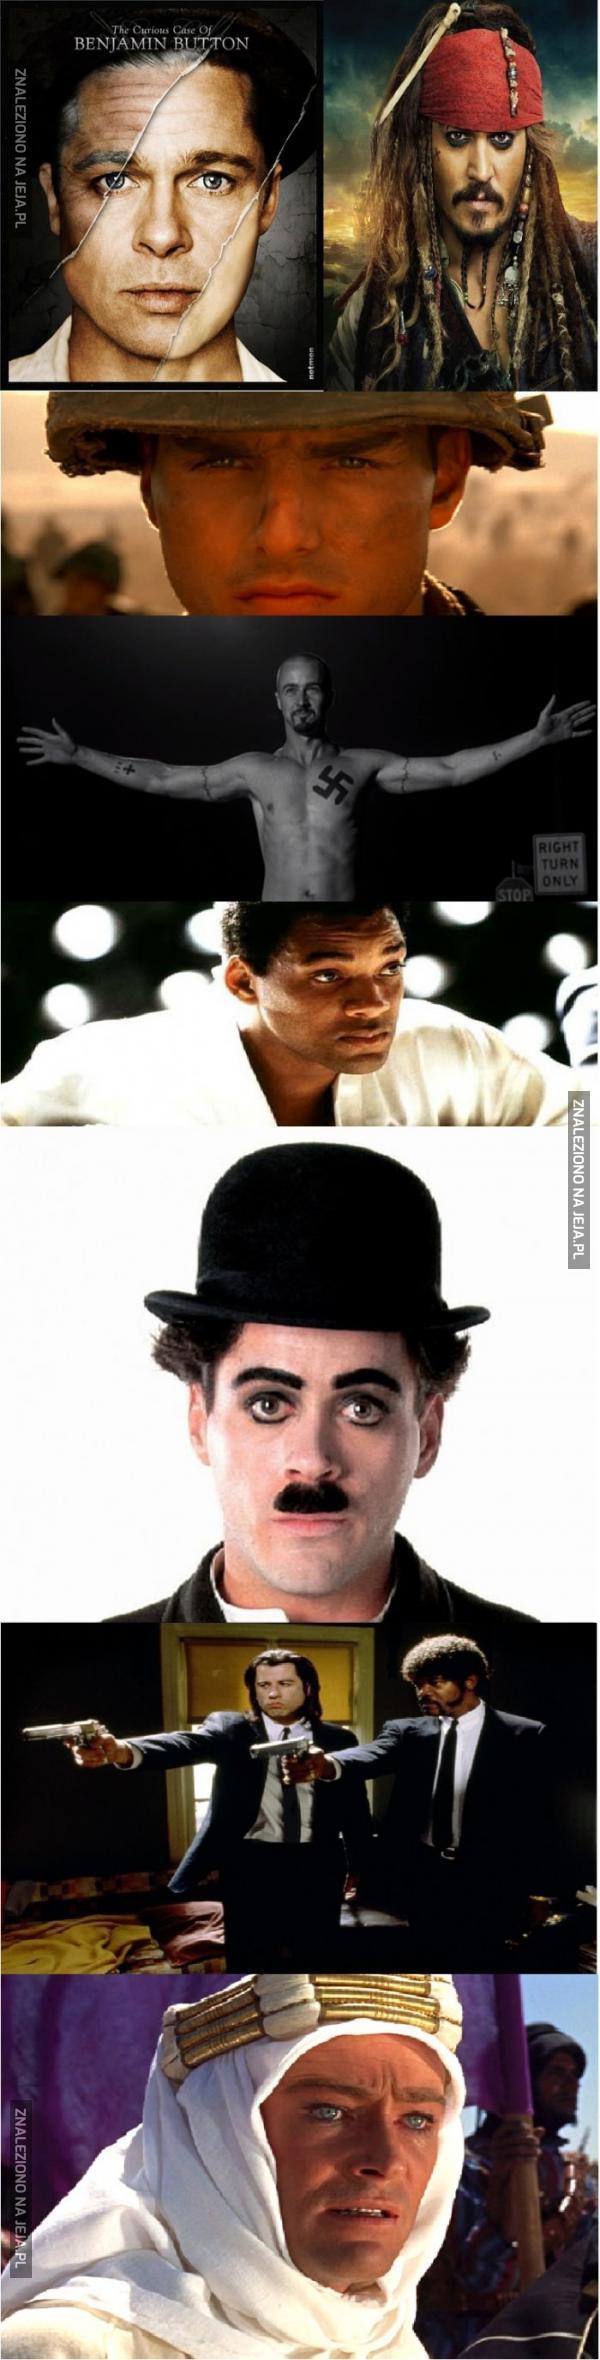 Leo nie dostał Oscara? Nie tylko on!